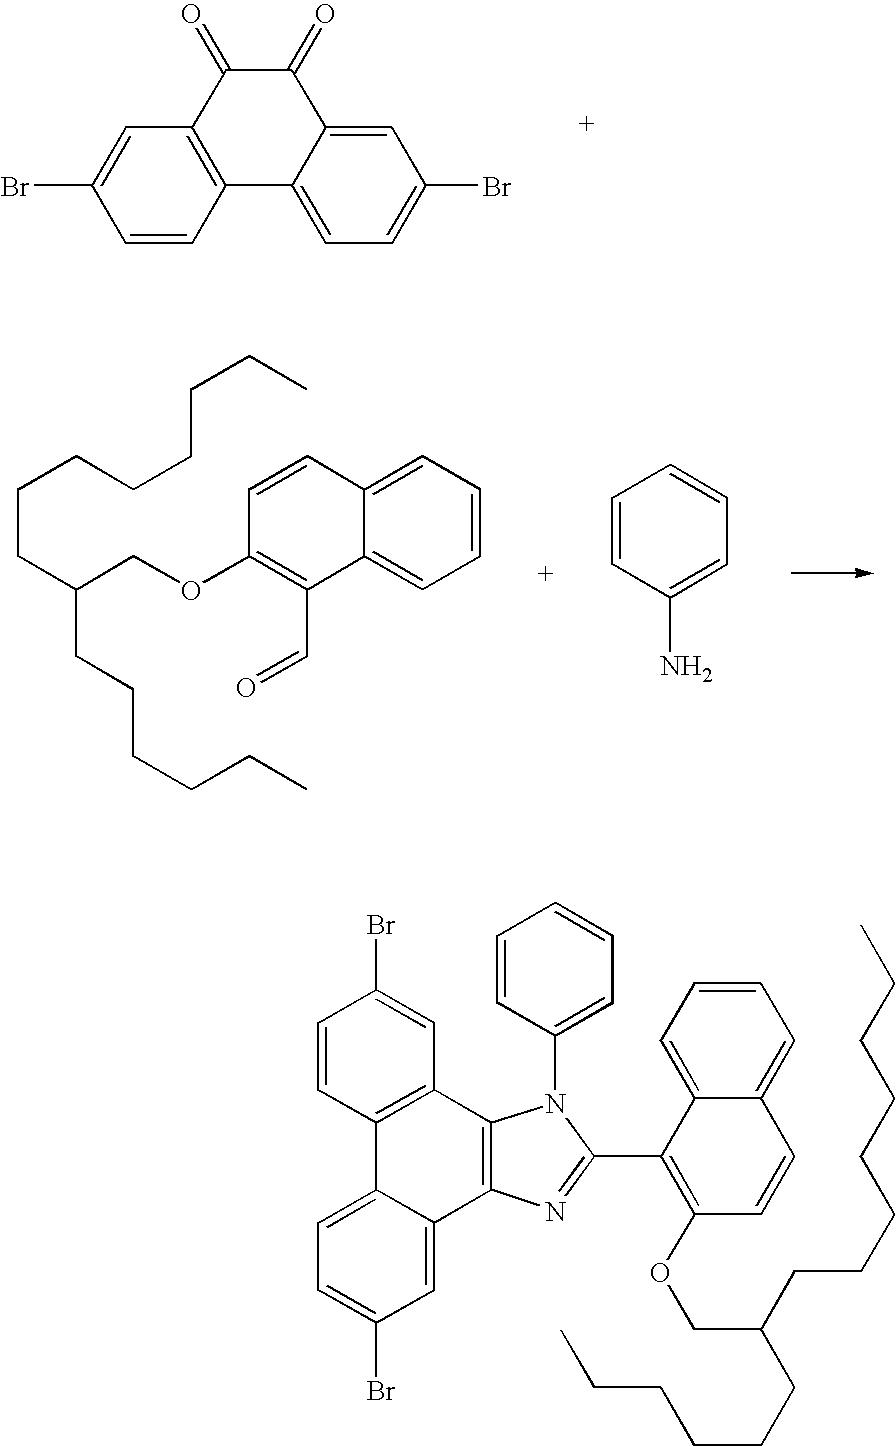 Figure US20090105447A1-20090423-C00153